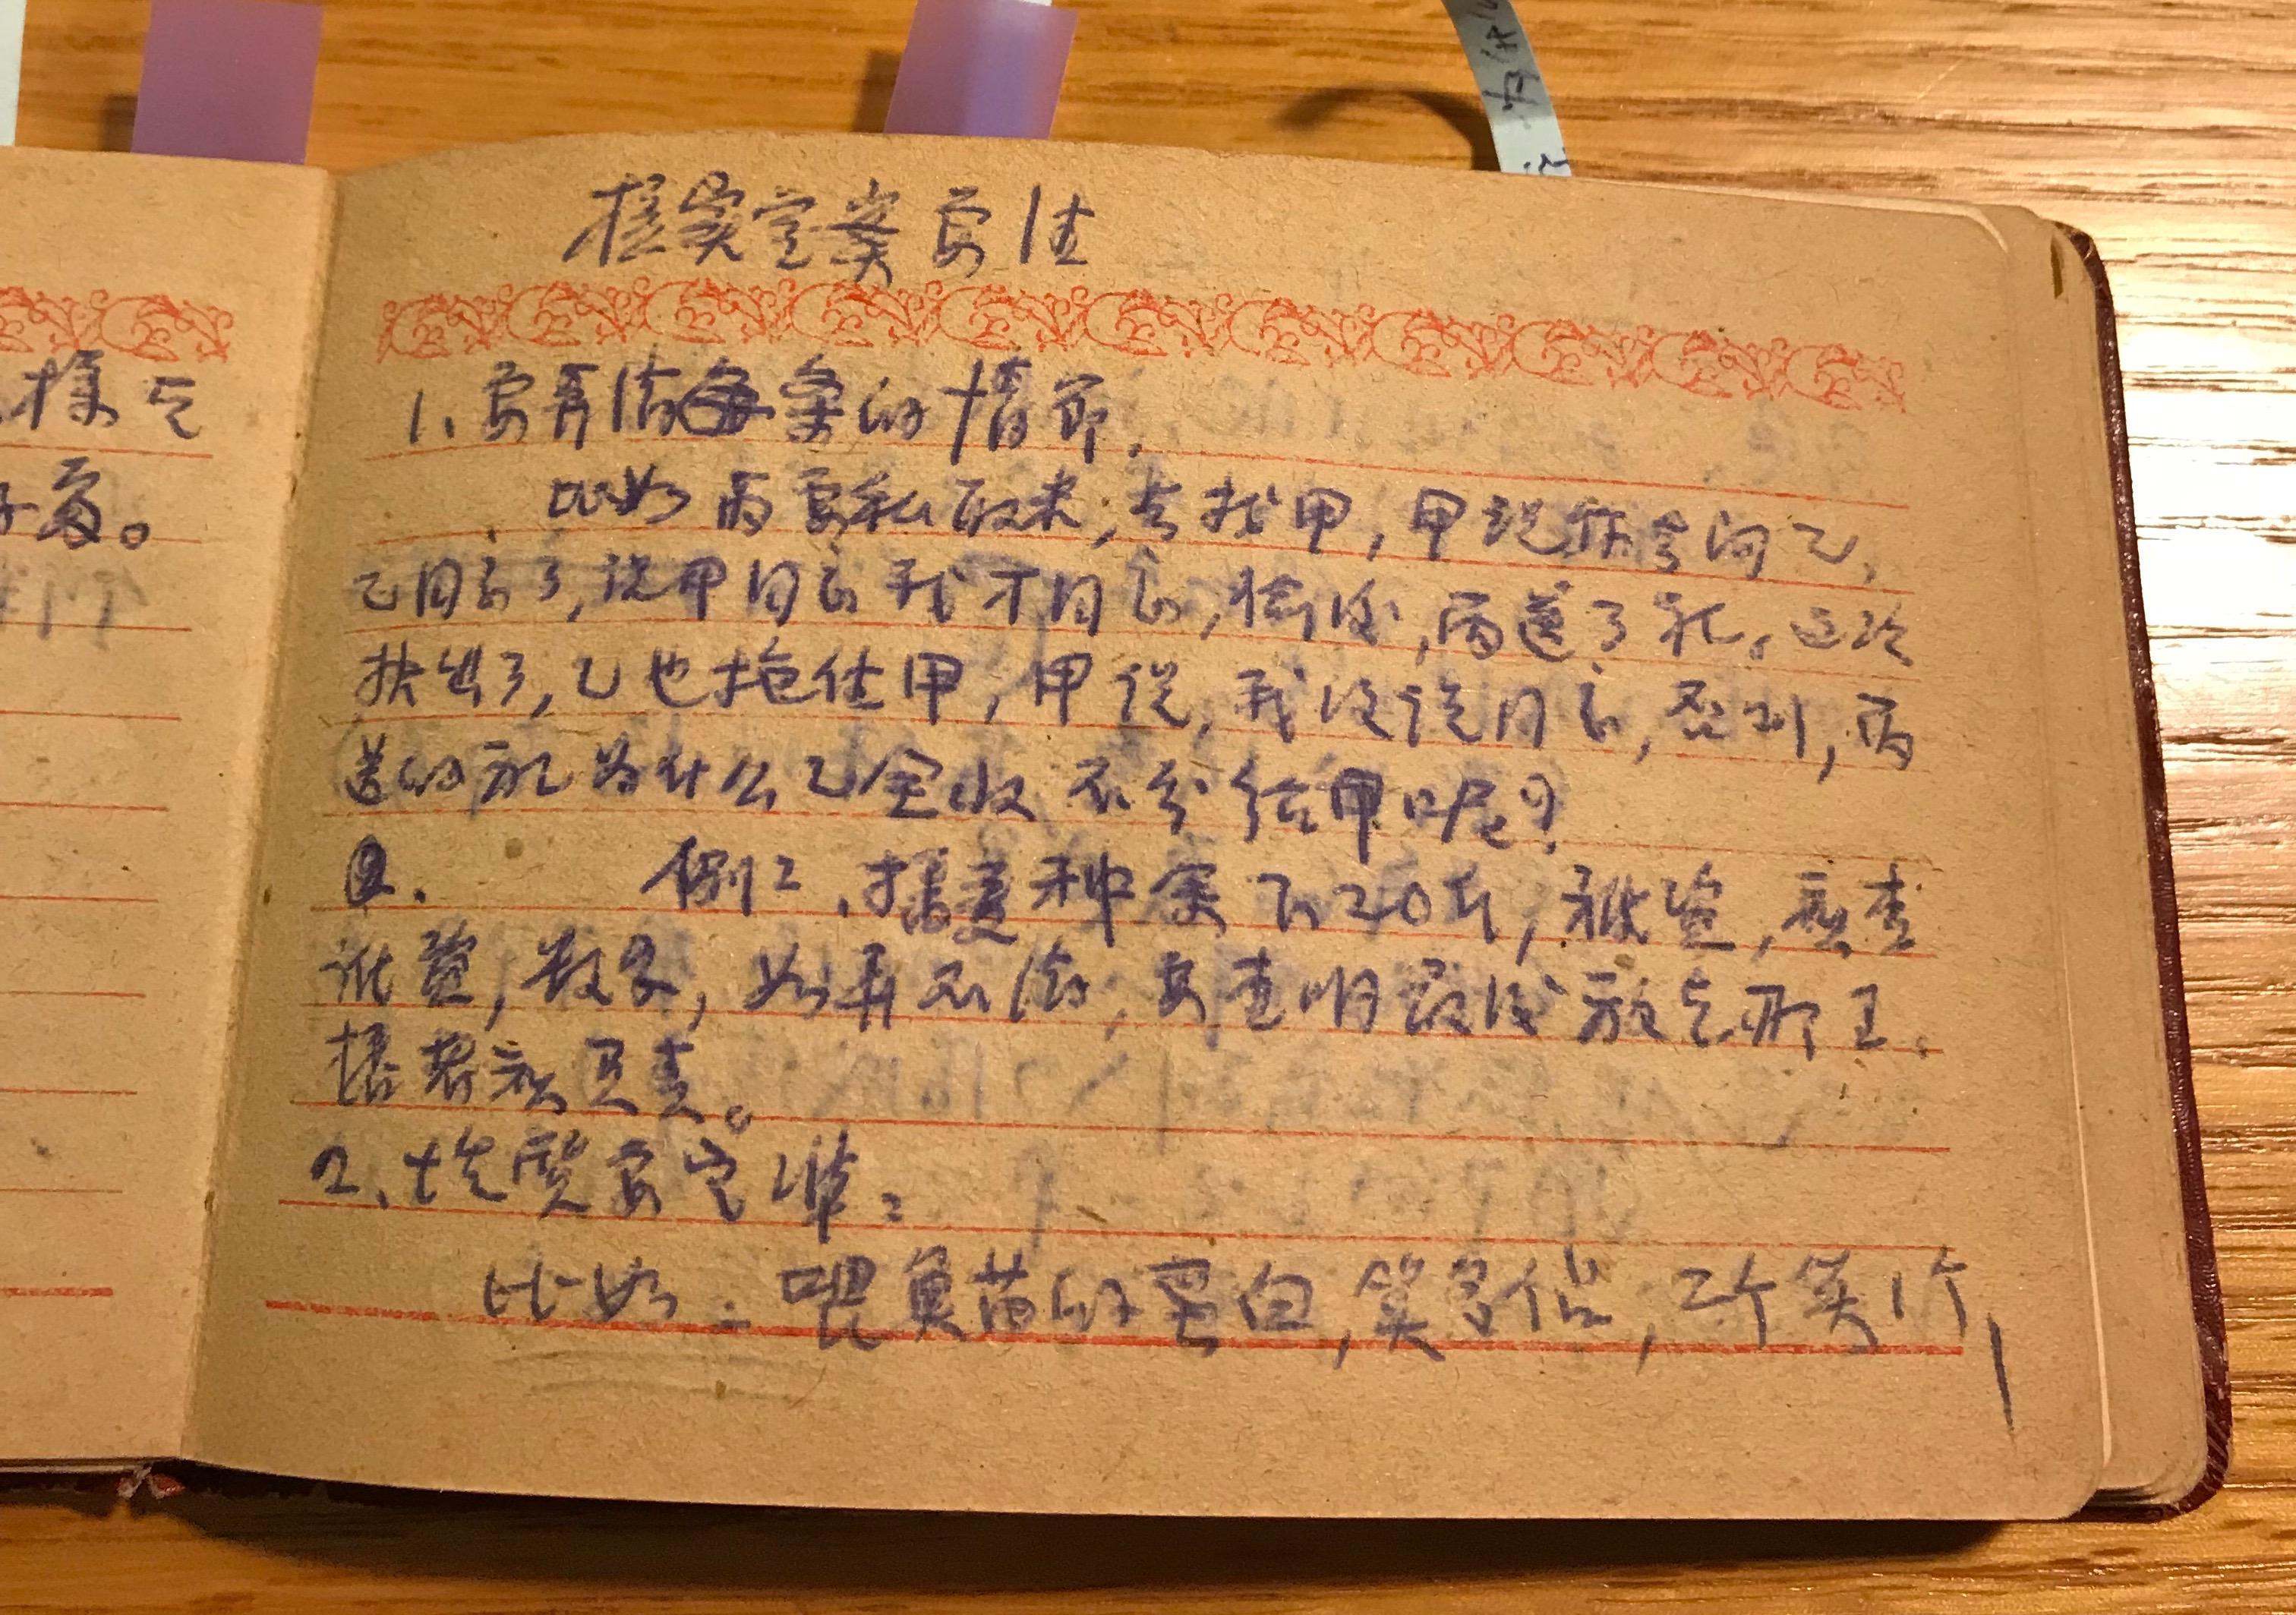 一頁四清工作日記:核實每一條